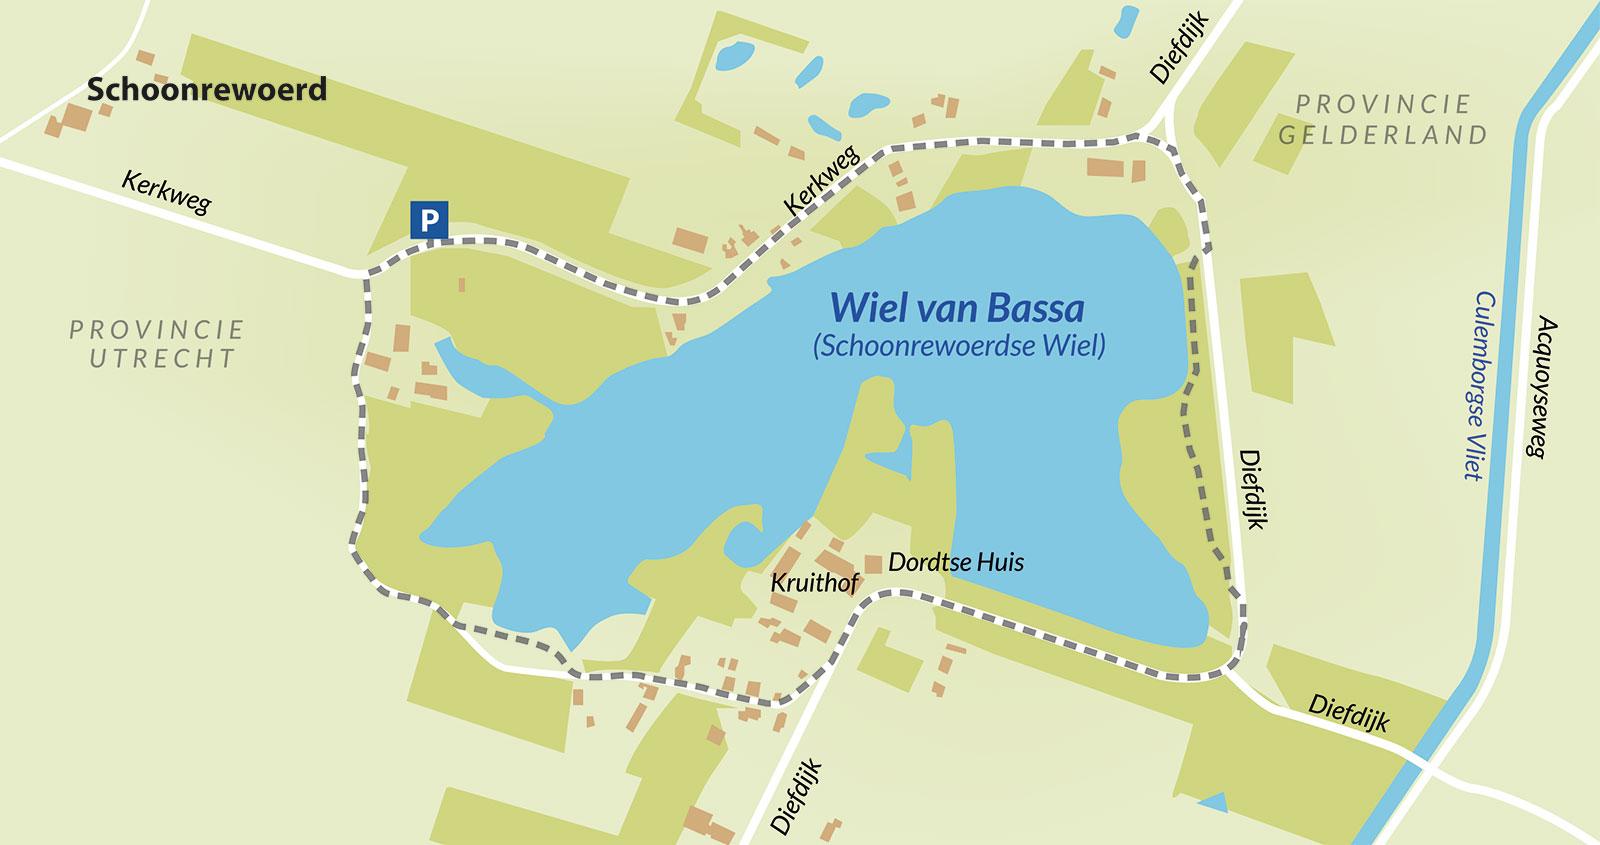 Wandelroute Wiel van Bassa - Schoonrewoerd